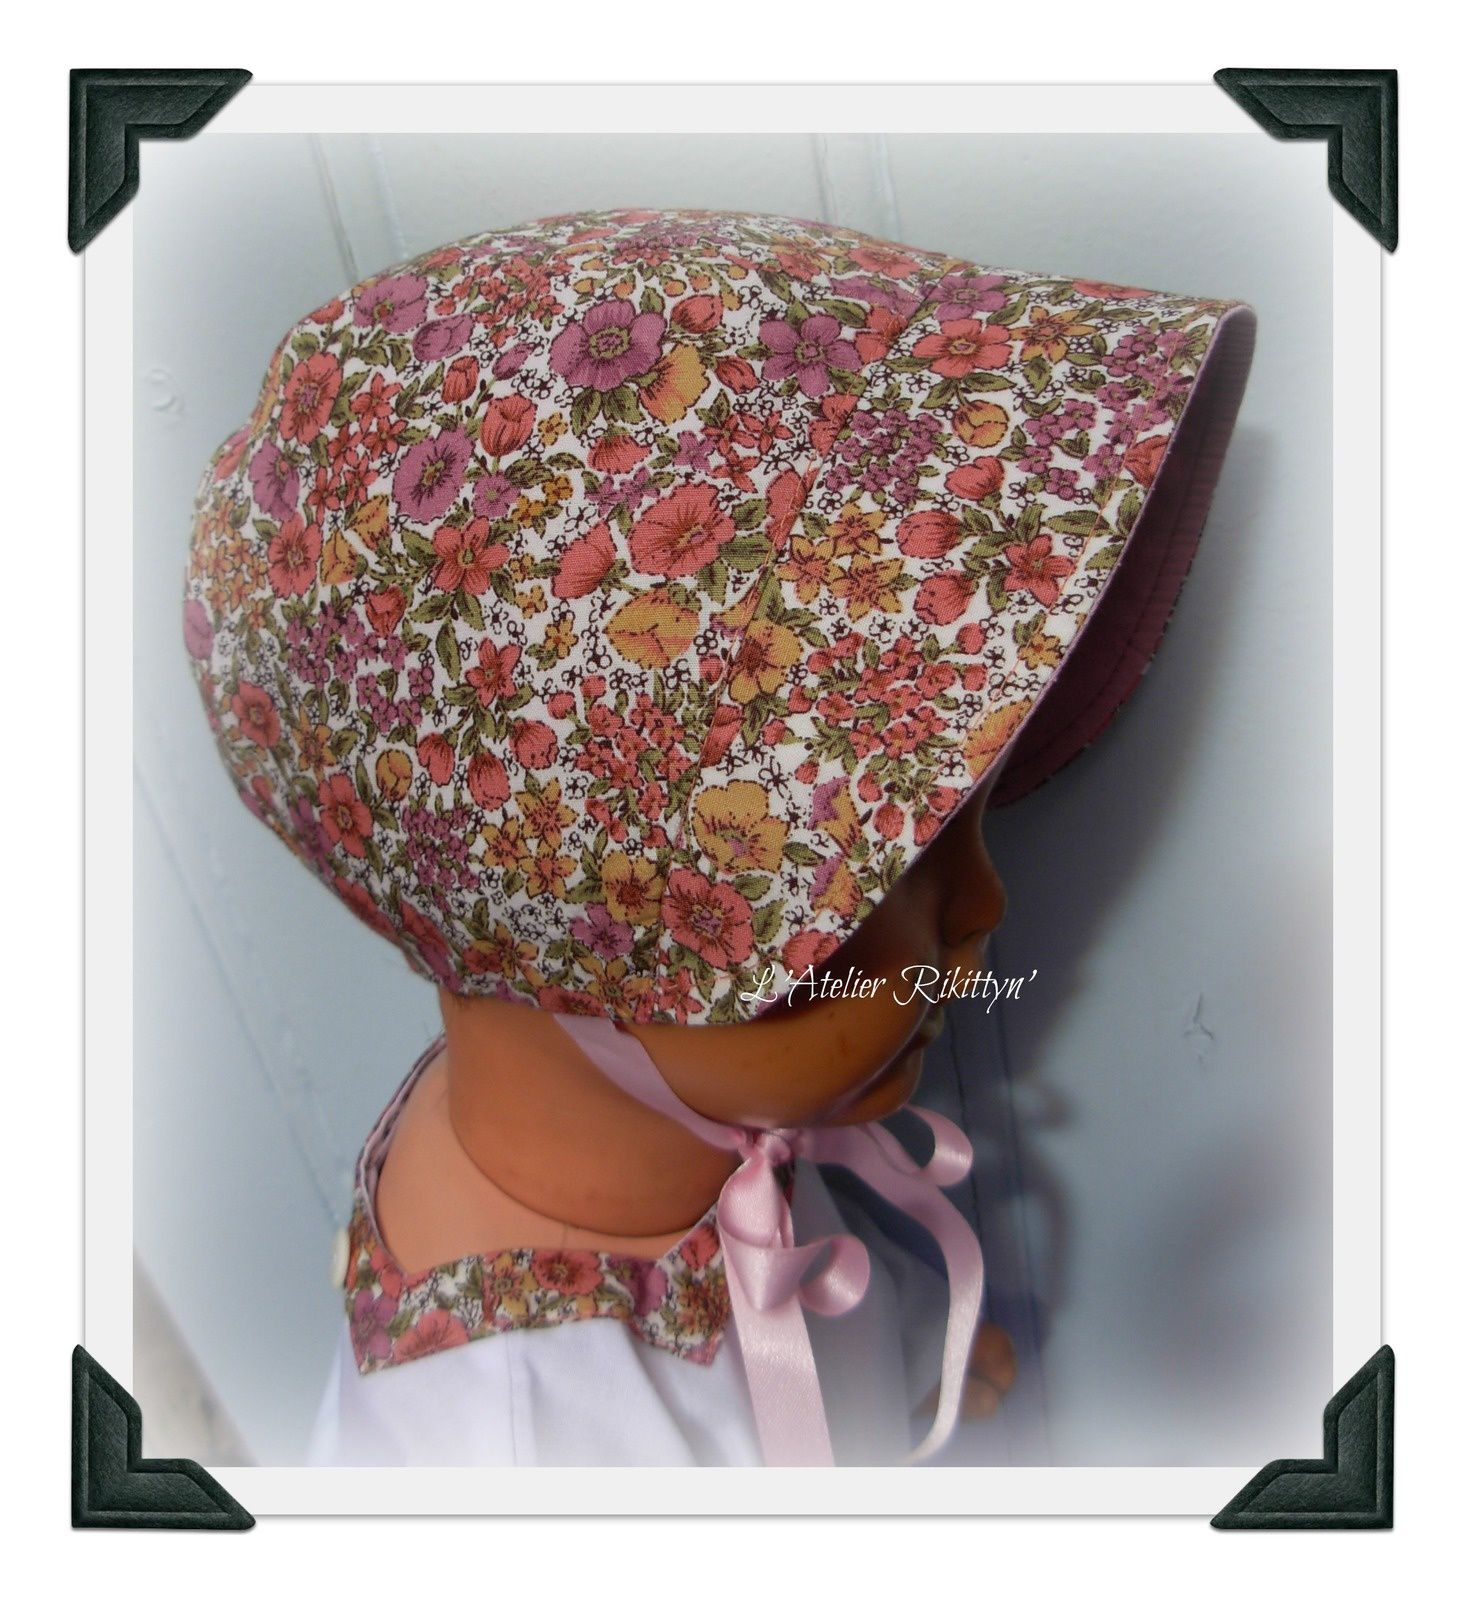 2012.05.20 - Ensemble brassière, bloomer, bonnet et ballerine en coton imprimé liberty et conton uni blanc